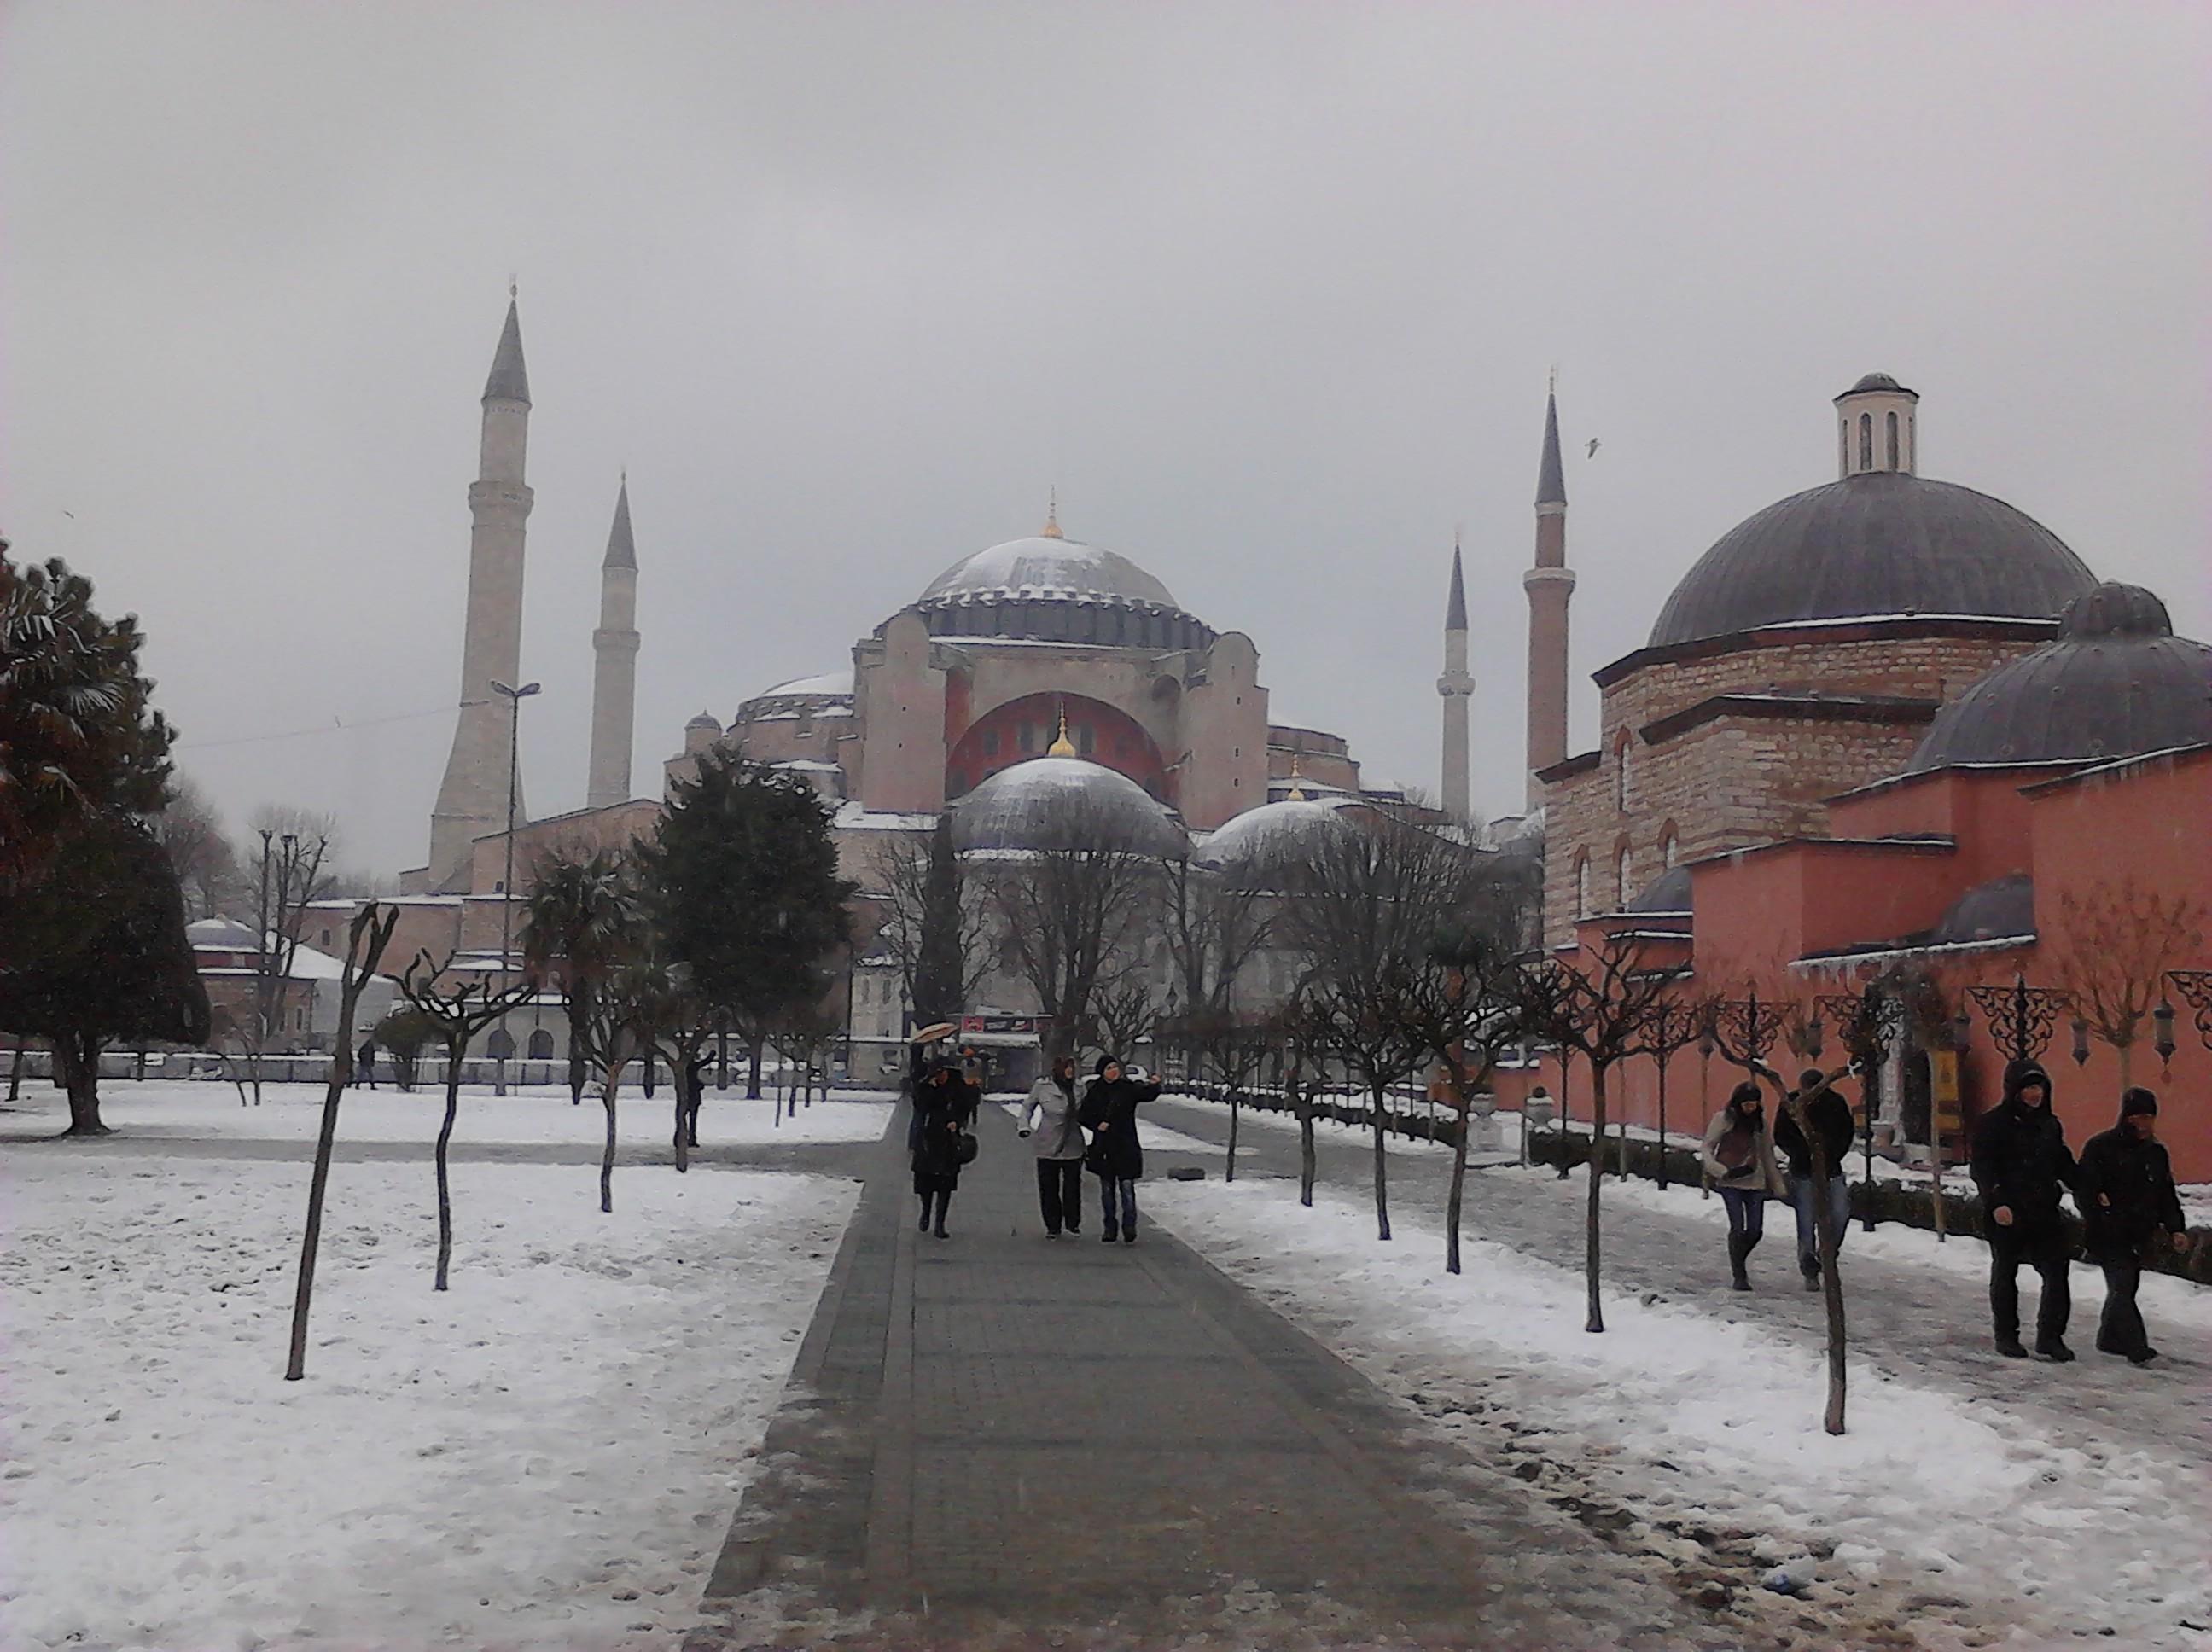 4y3txkgm - İstanbul'dan Kış Manzarası